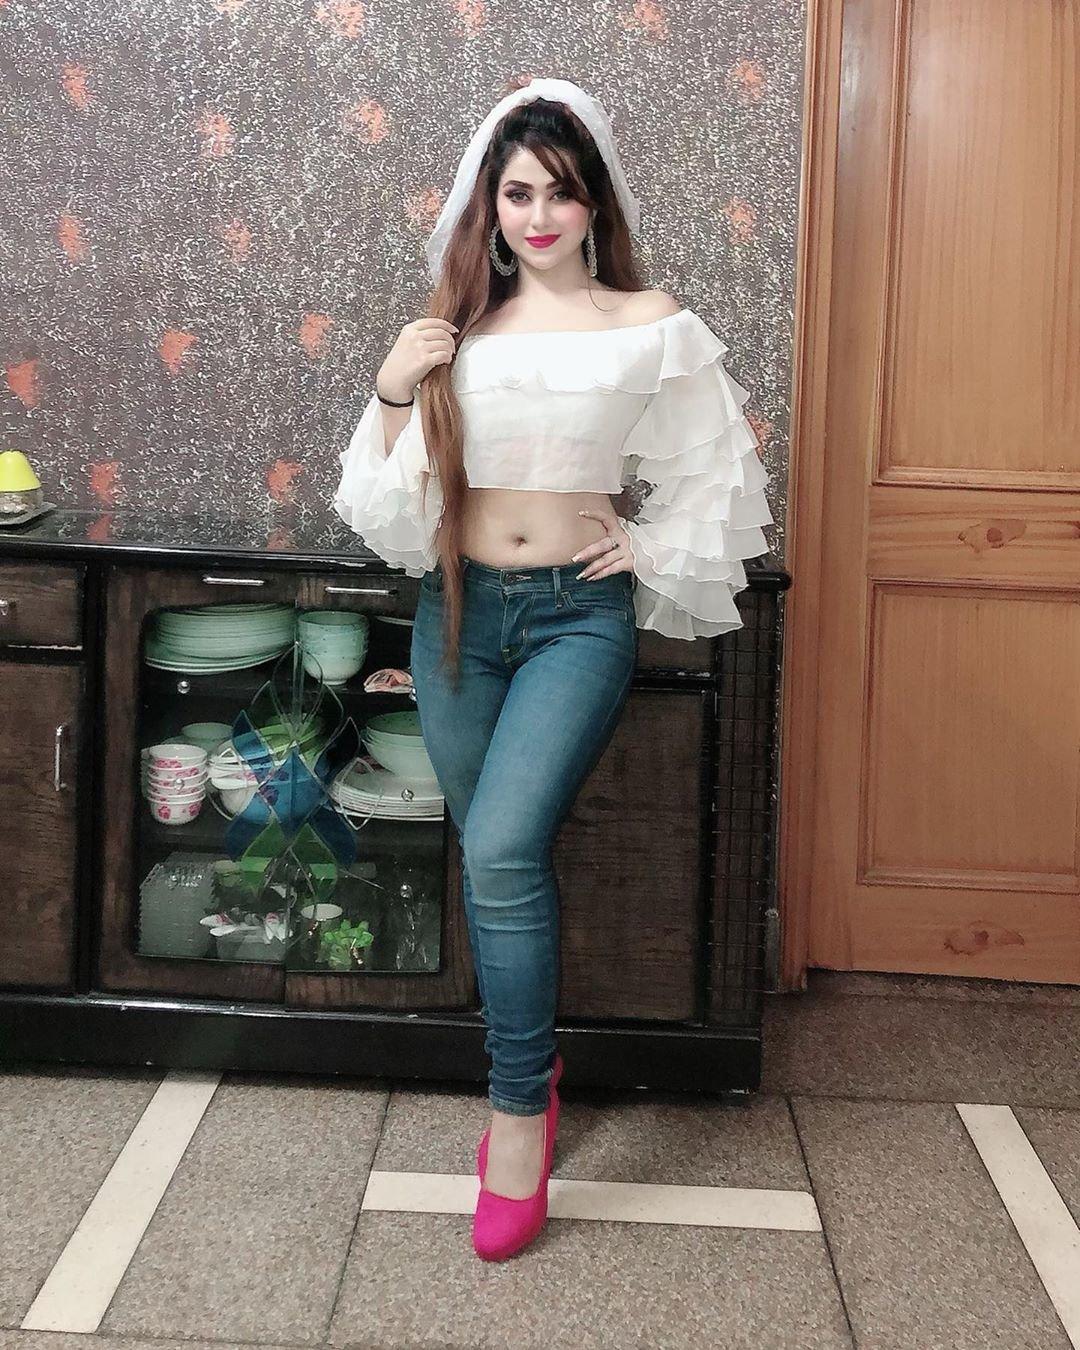 Desi Girl Photos | Photos of Cute Girl